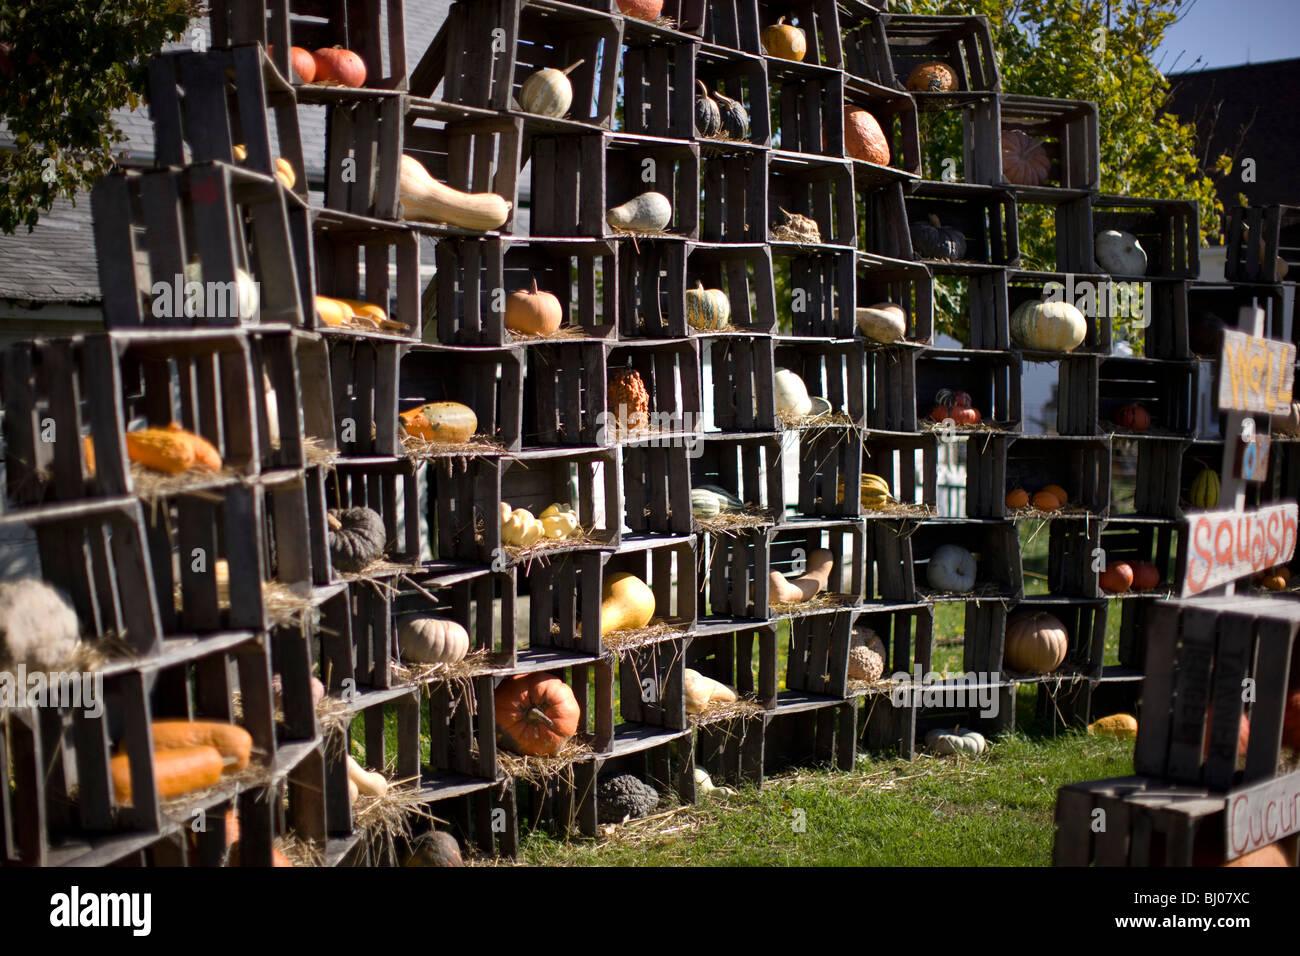 Squash à vendre affichée dans des caisses en bois. Photo Stock